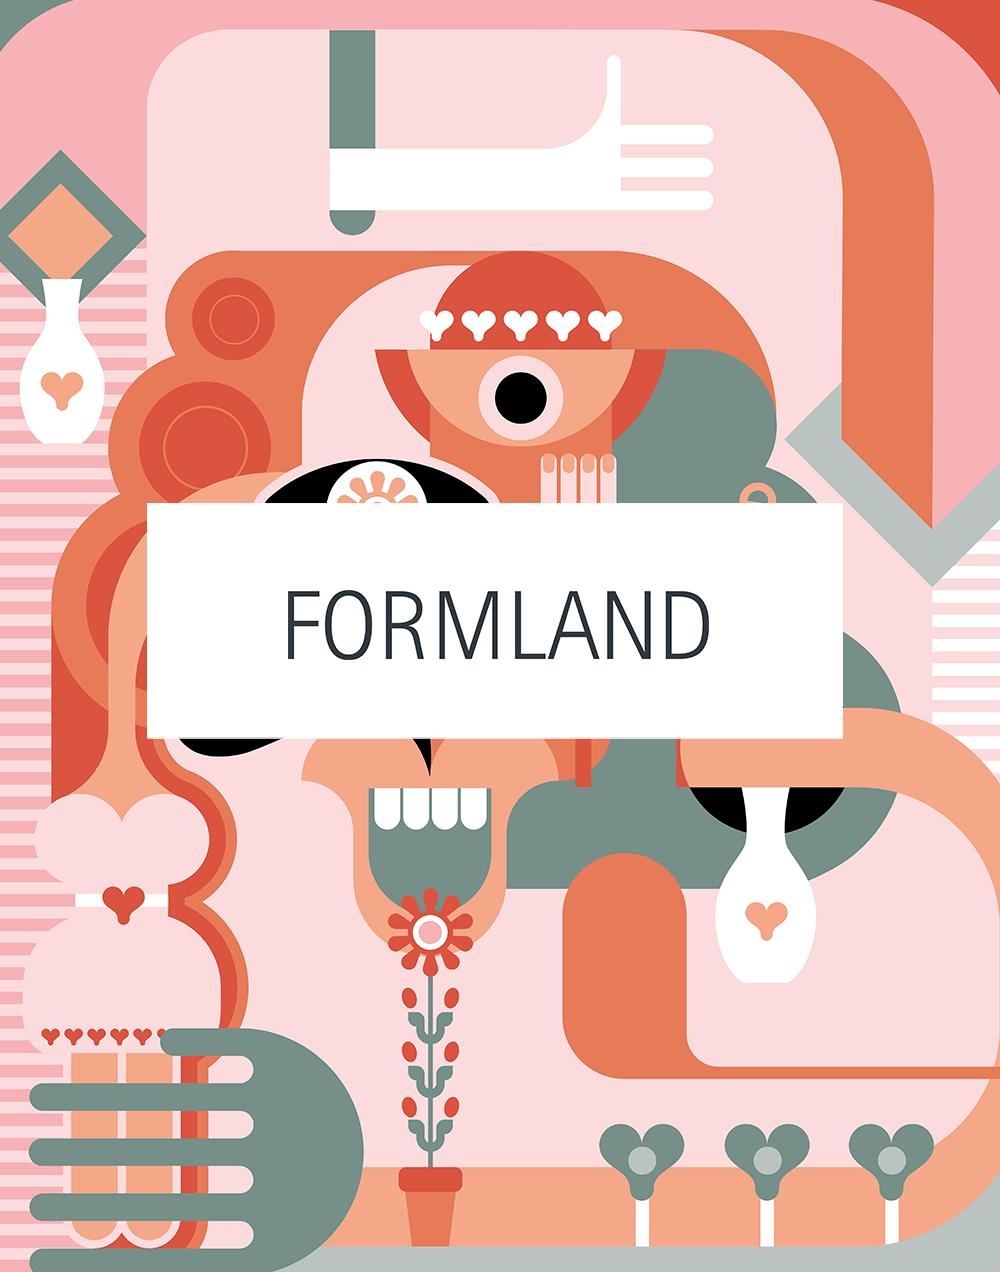 Formland